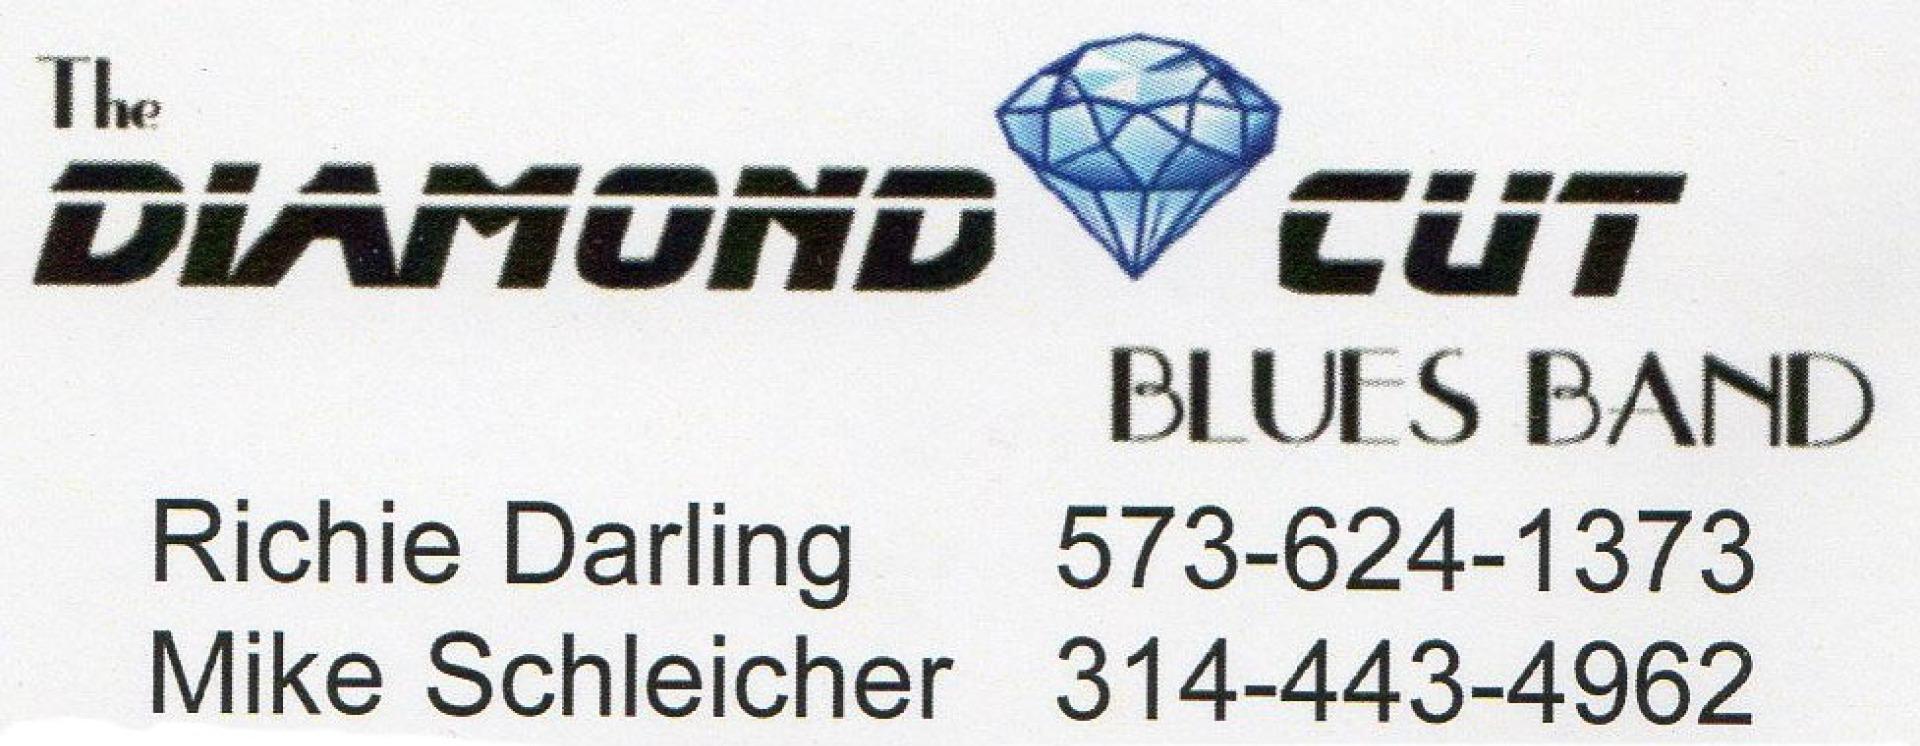 1454389841 dcbb business cards copy copy